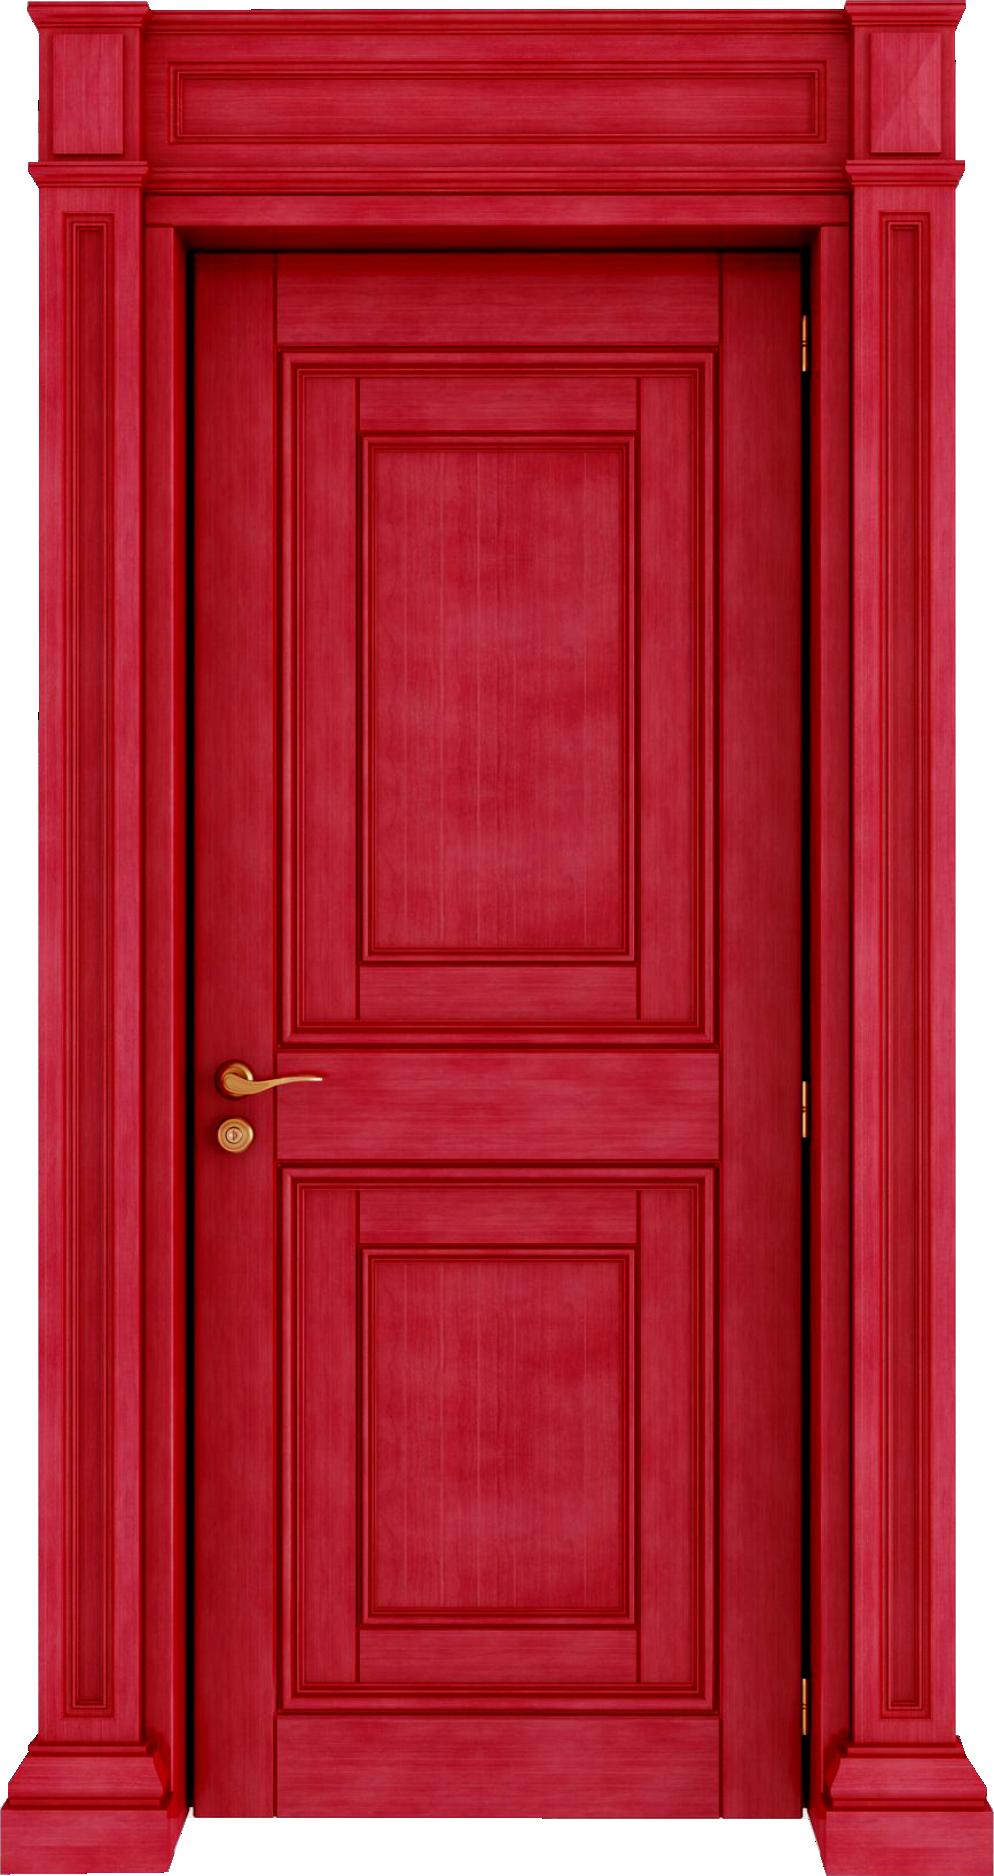 Door PNG Images, Open Door, Cartoon Door, Old Door Clipart.